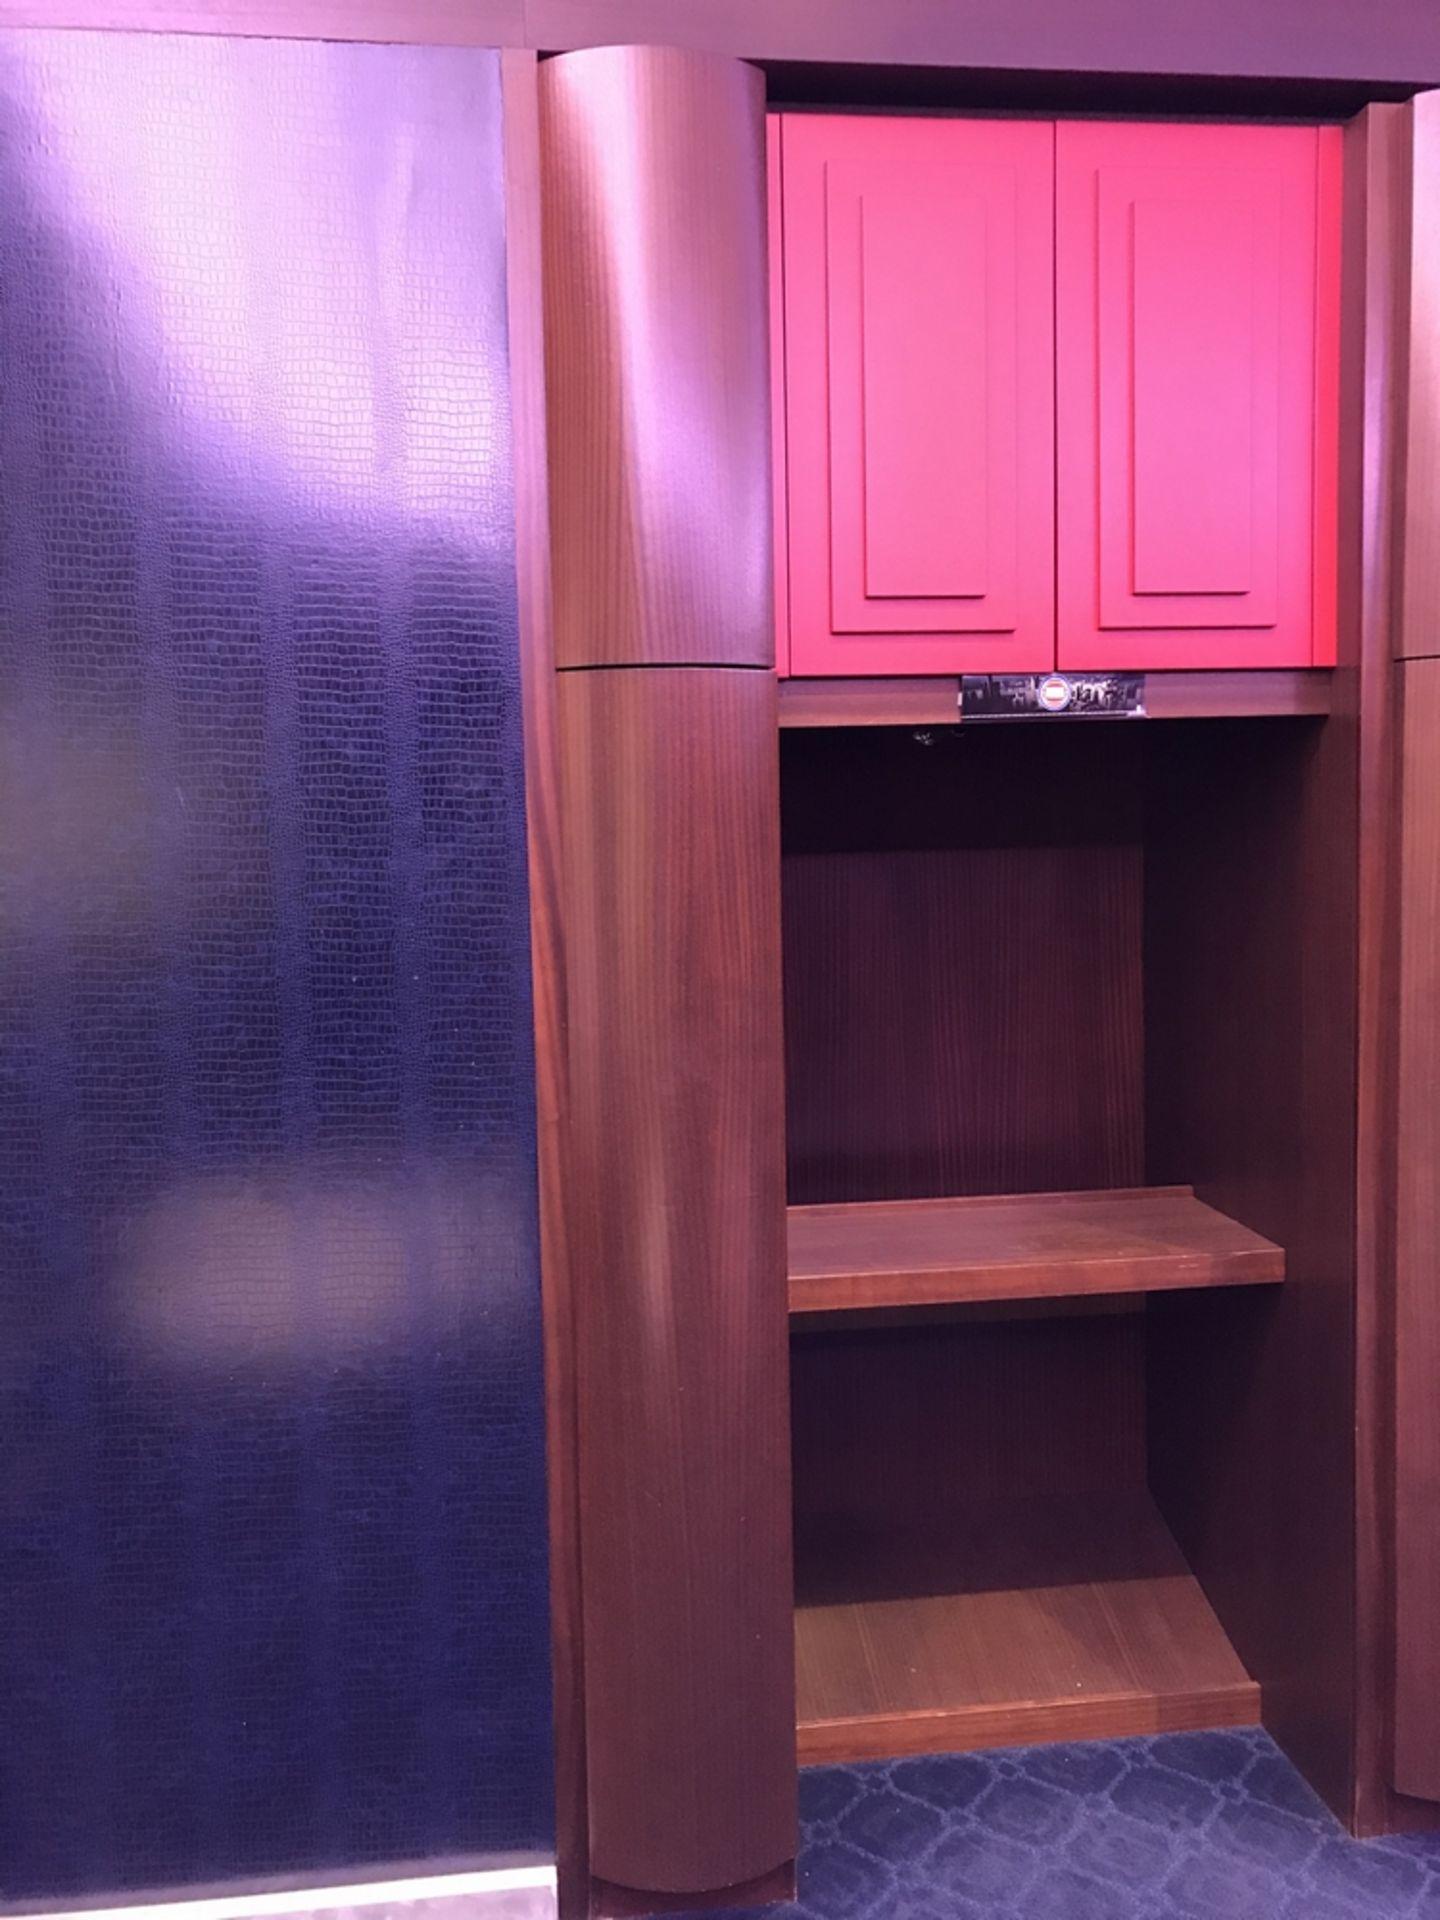 Lot 14 - Piston Player Locker , Dim. 61 in w x 107 in h x 35 in d , Location: Locker Room ***Note from